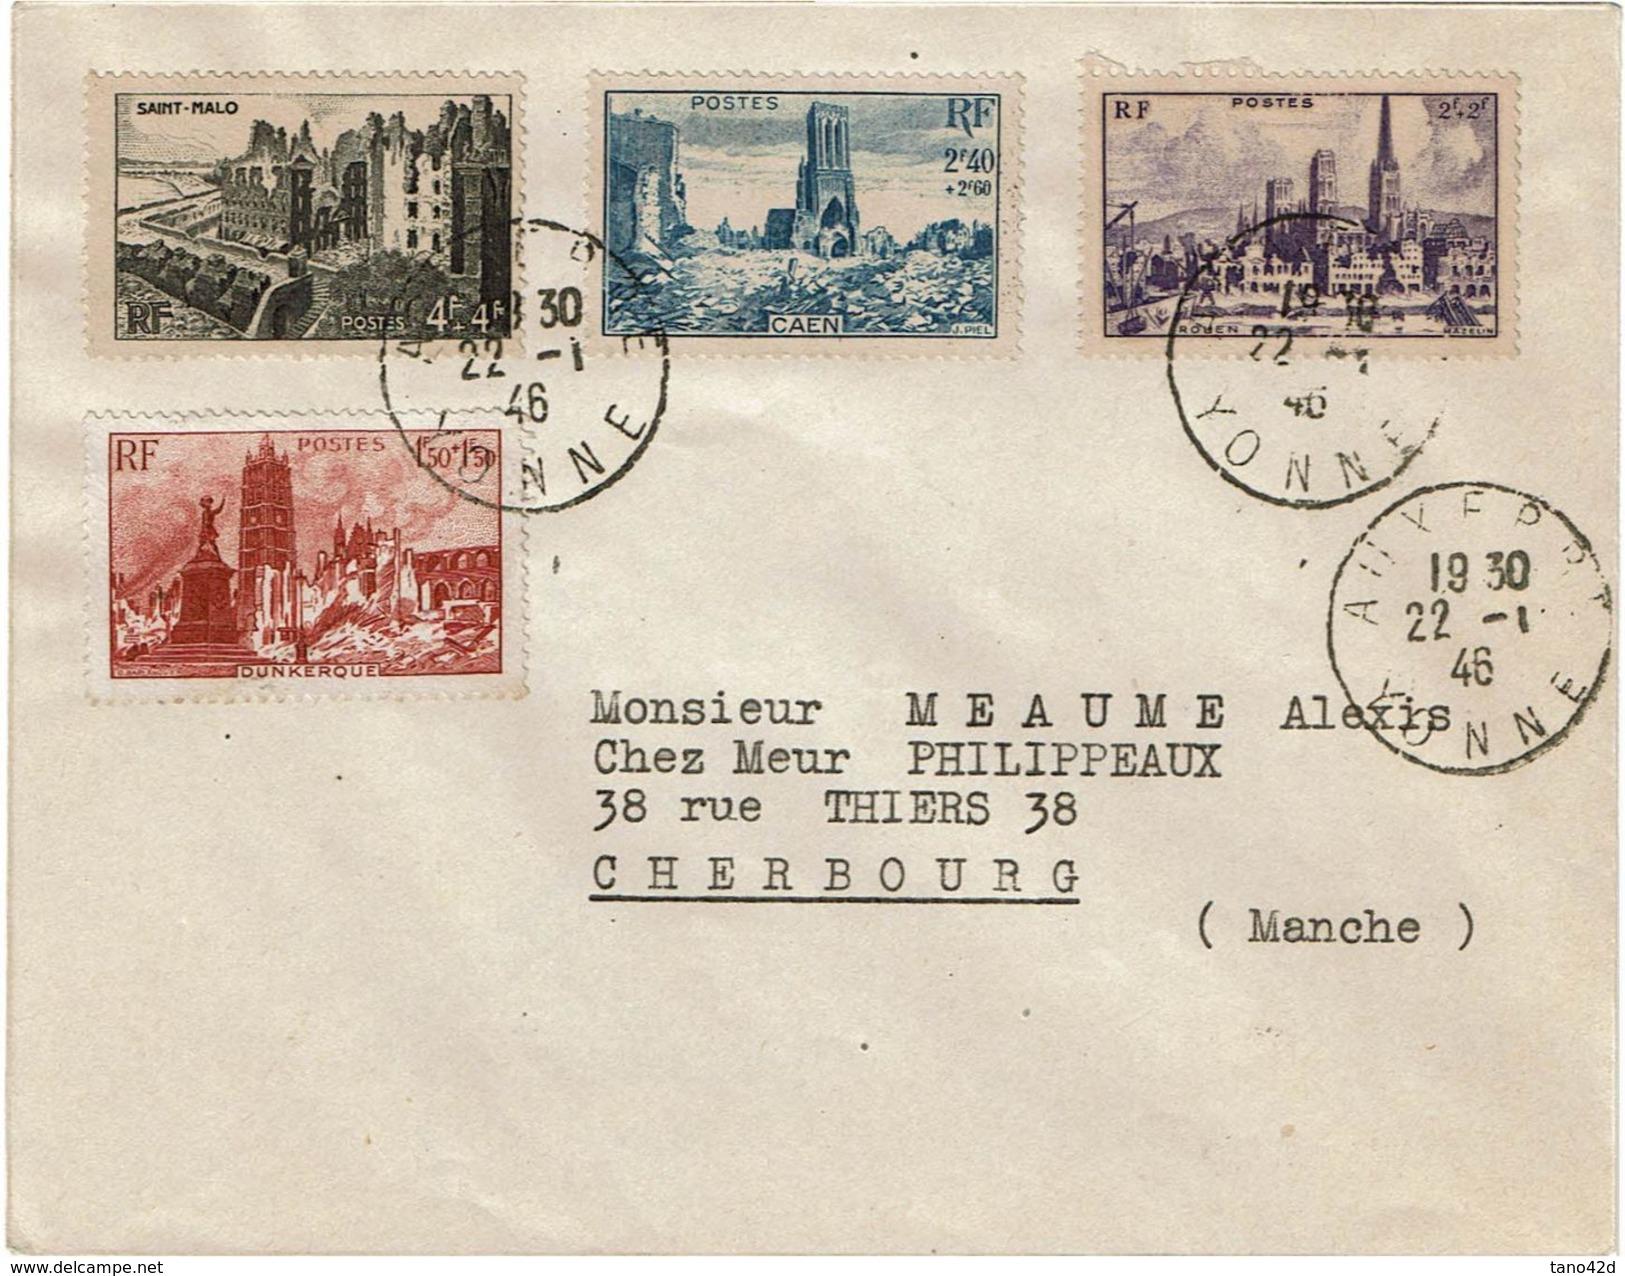 VILLES MARTYRES AUXERRE 22/1/1946 - France